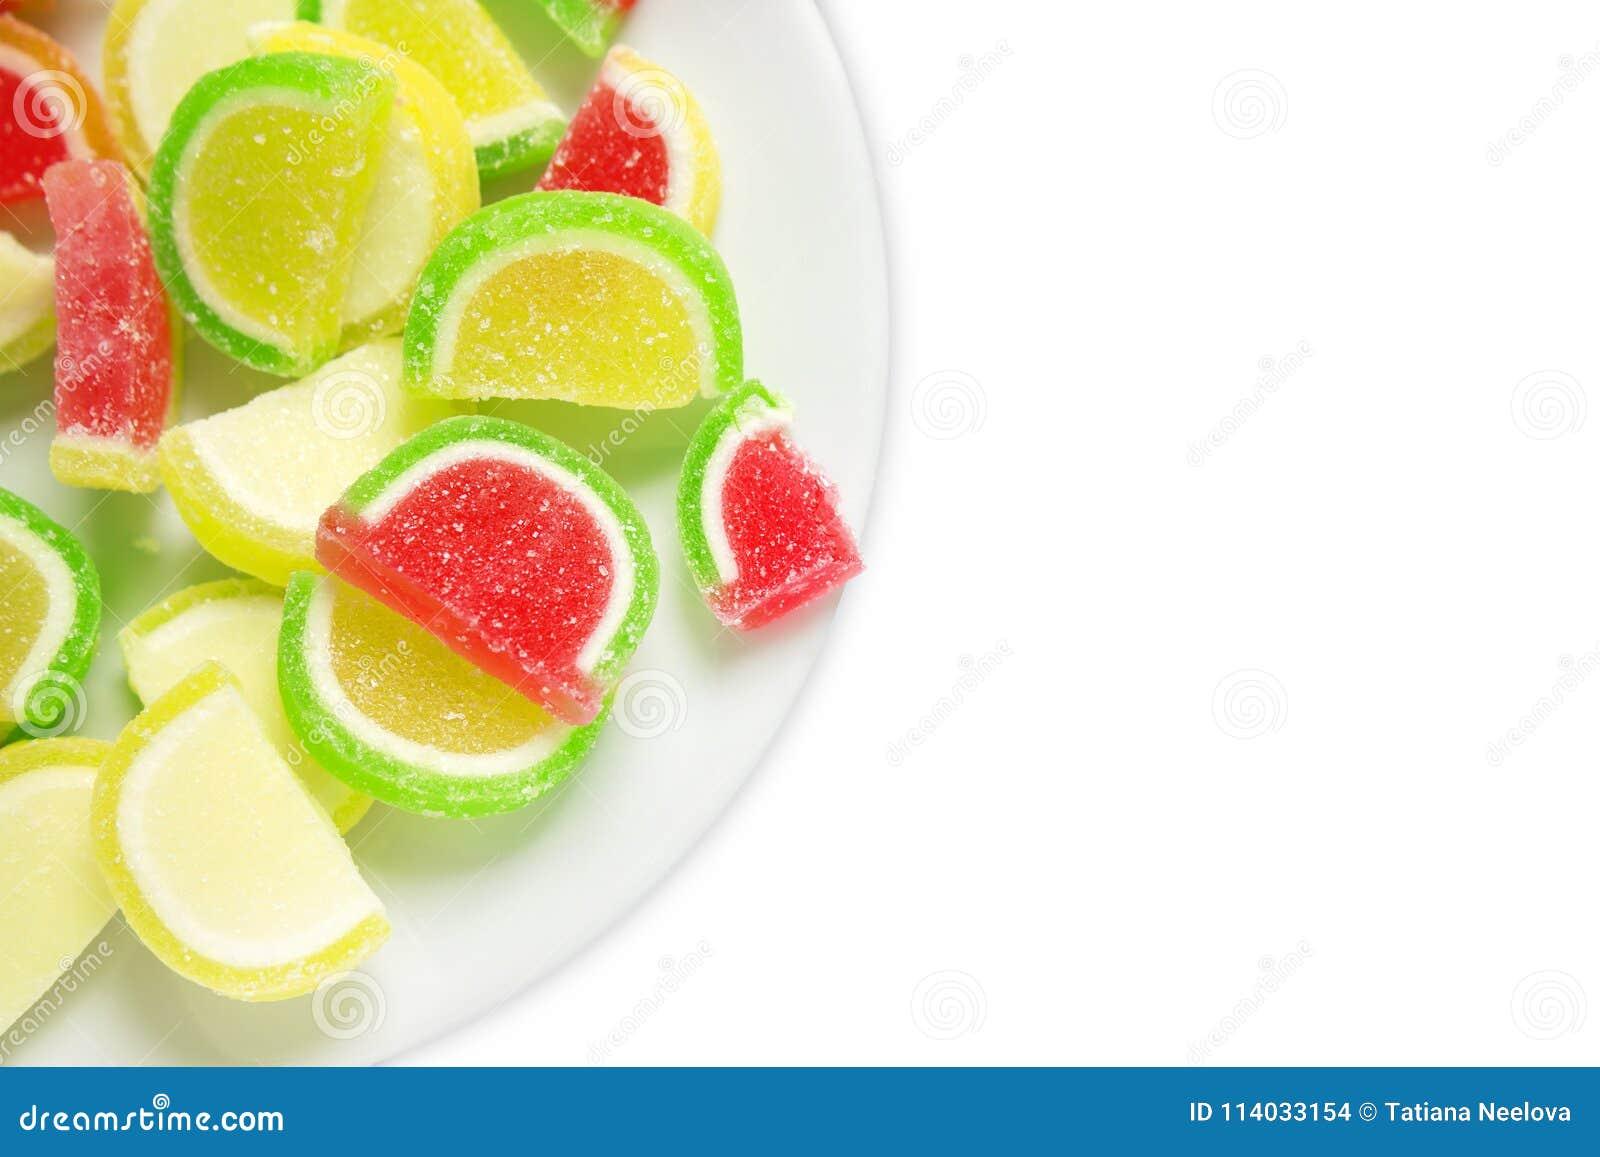 甜鲜美含糖的五颜六色的果冻橘子果酱一张顶上的照片  在白色背景或甜点隔绝的充满活力的被分类的糖果,